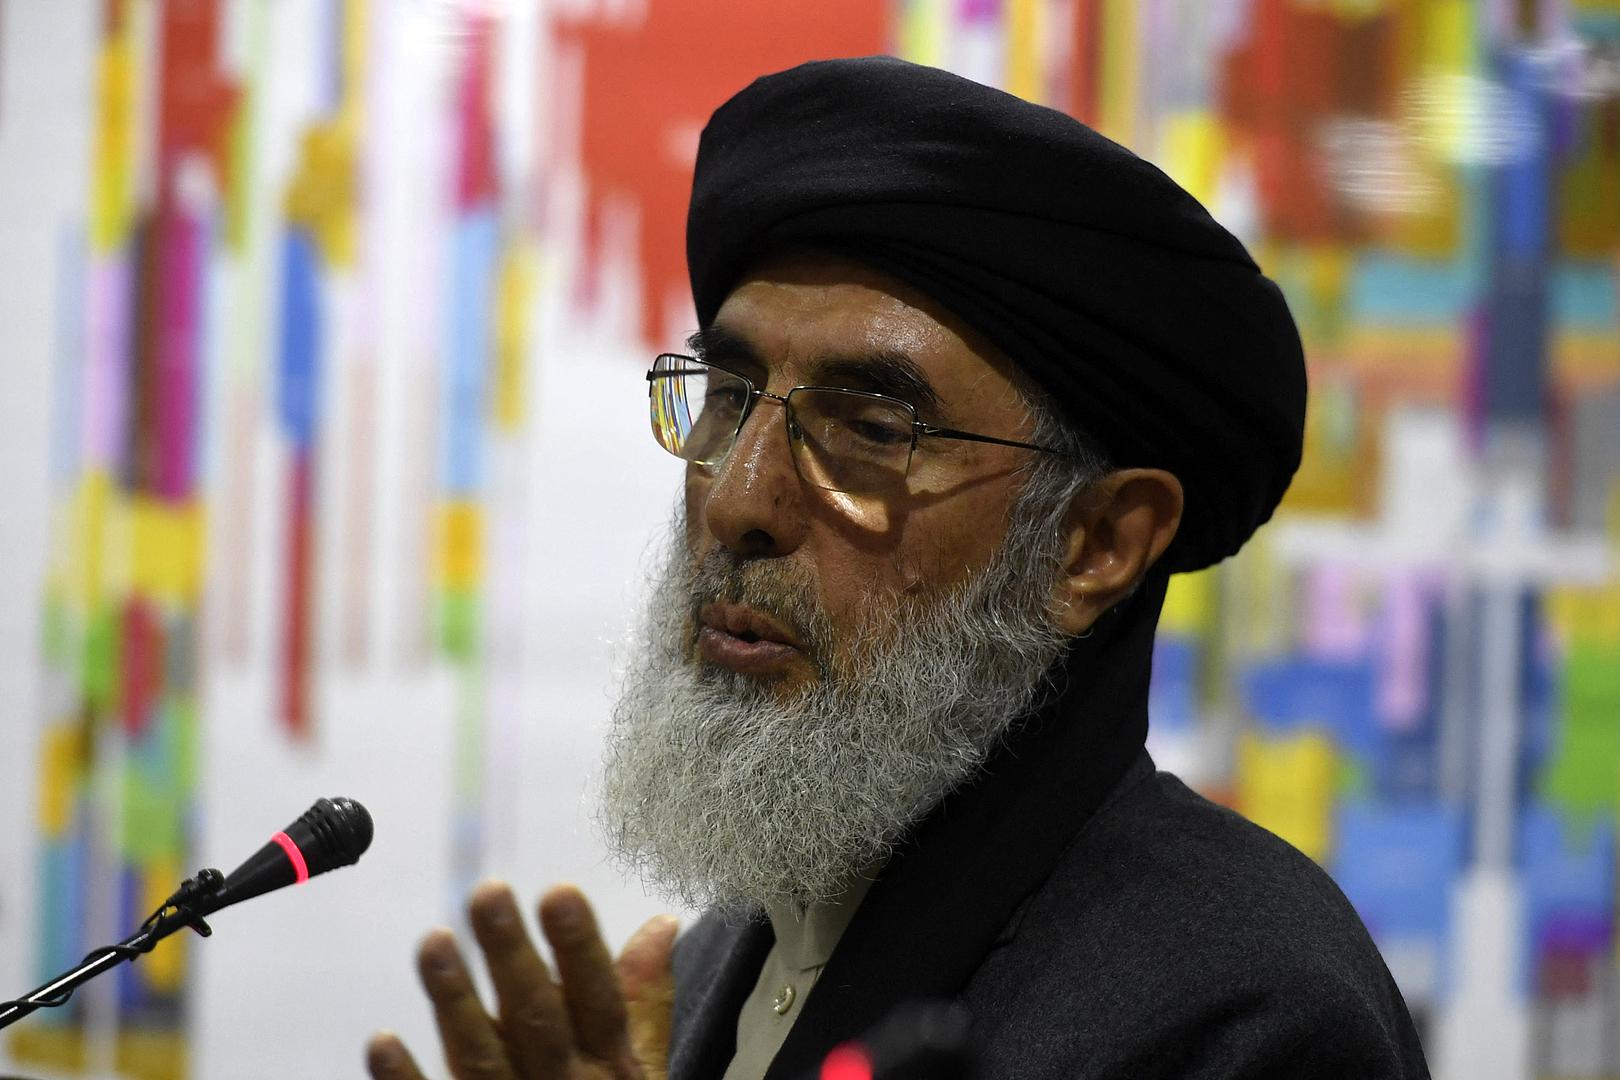 قلب الدينحكمتيار يجد تفسيرا لتسليم سلطات أفغانستان بعض المناطق بدون قتال